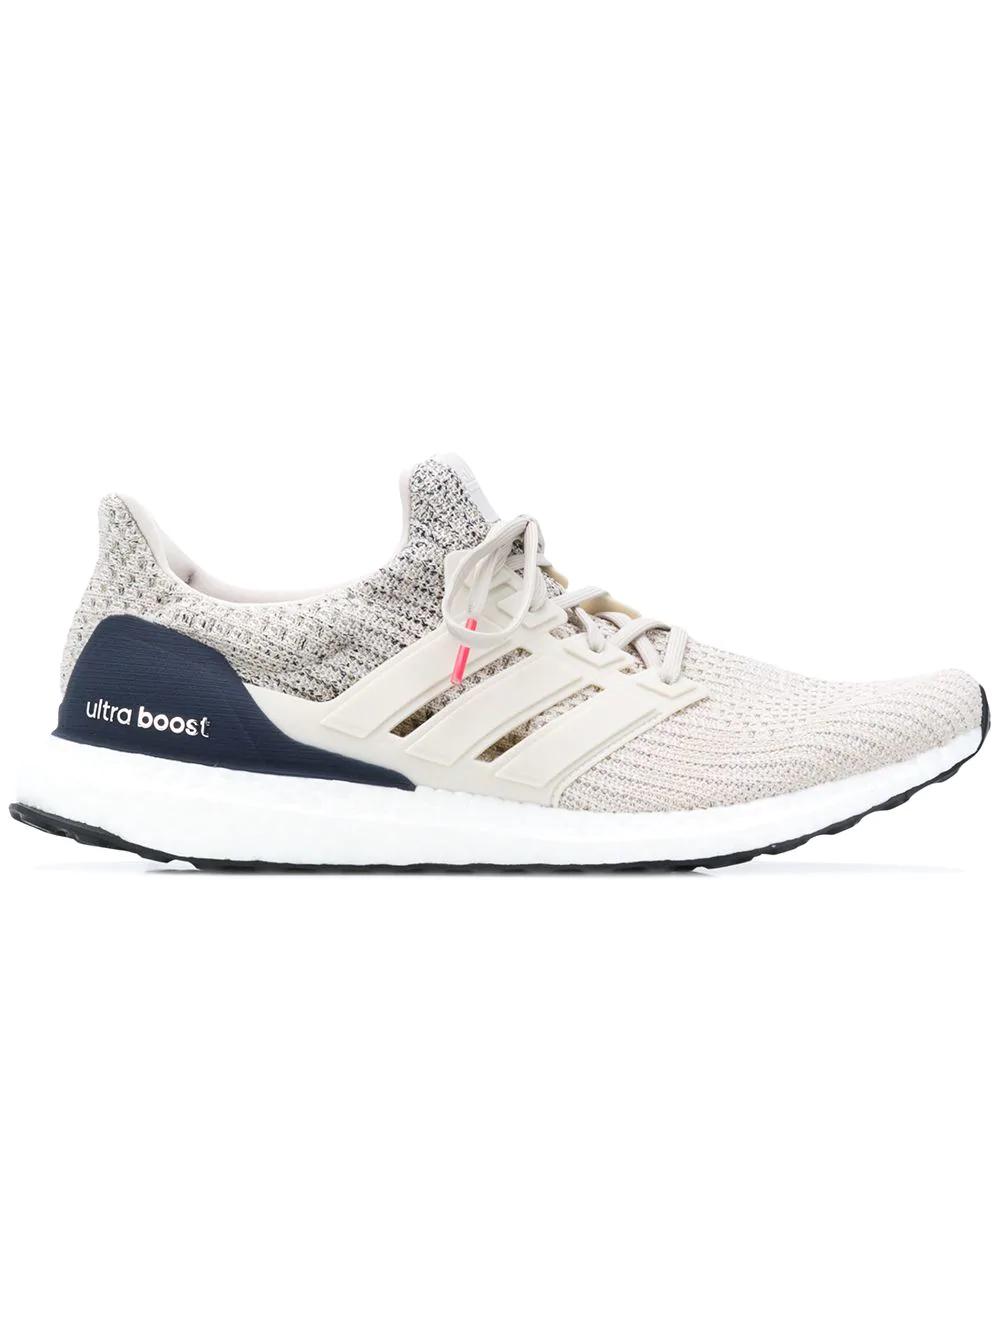 304b542af8231 Adidas Originals Adidas Ultra Boost Sneakers - Neutrals